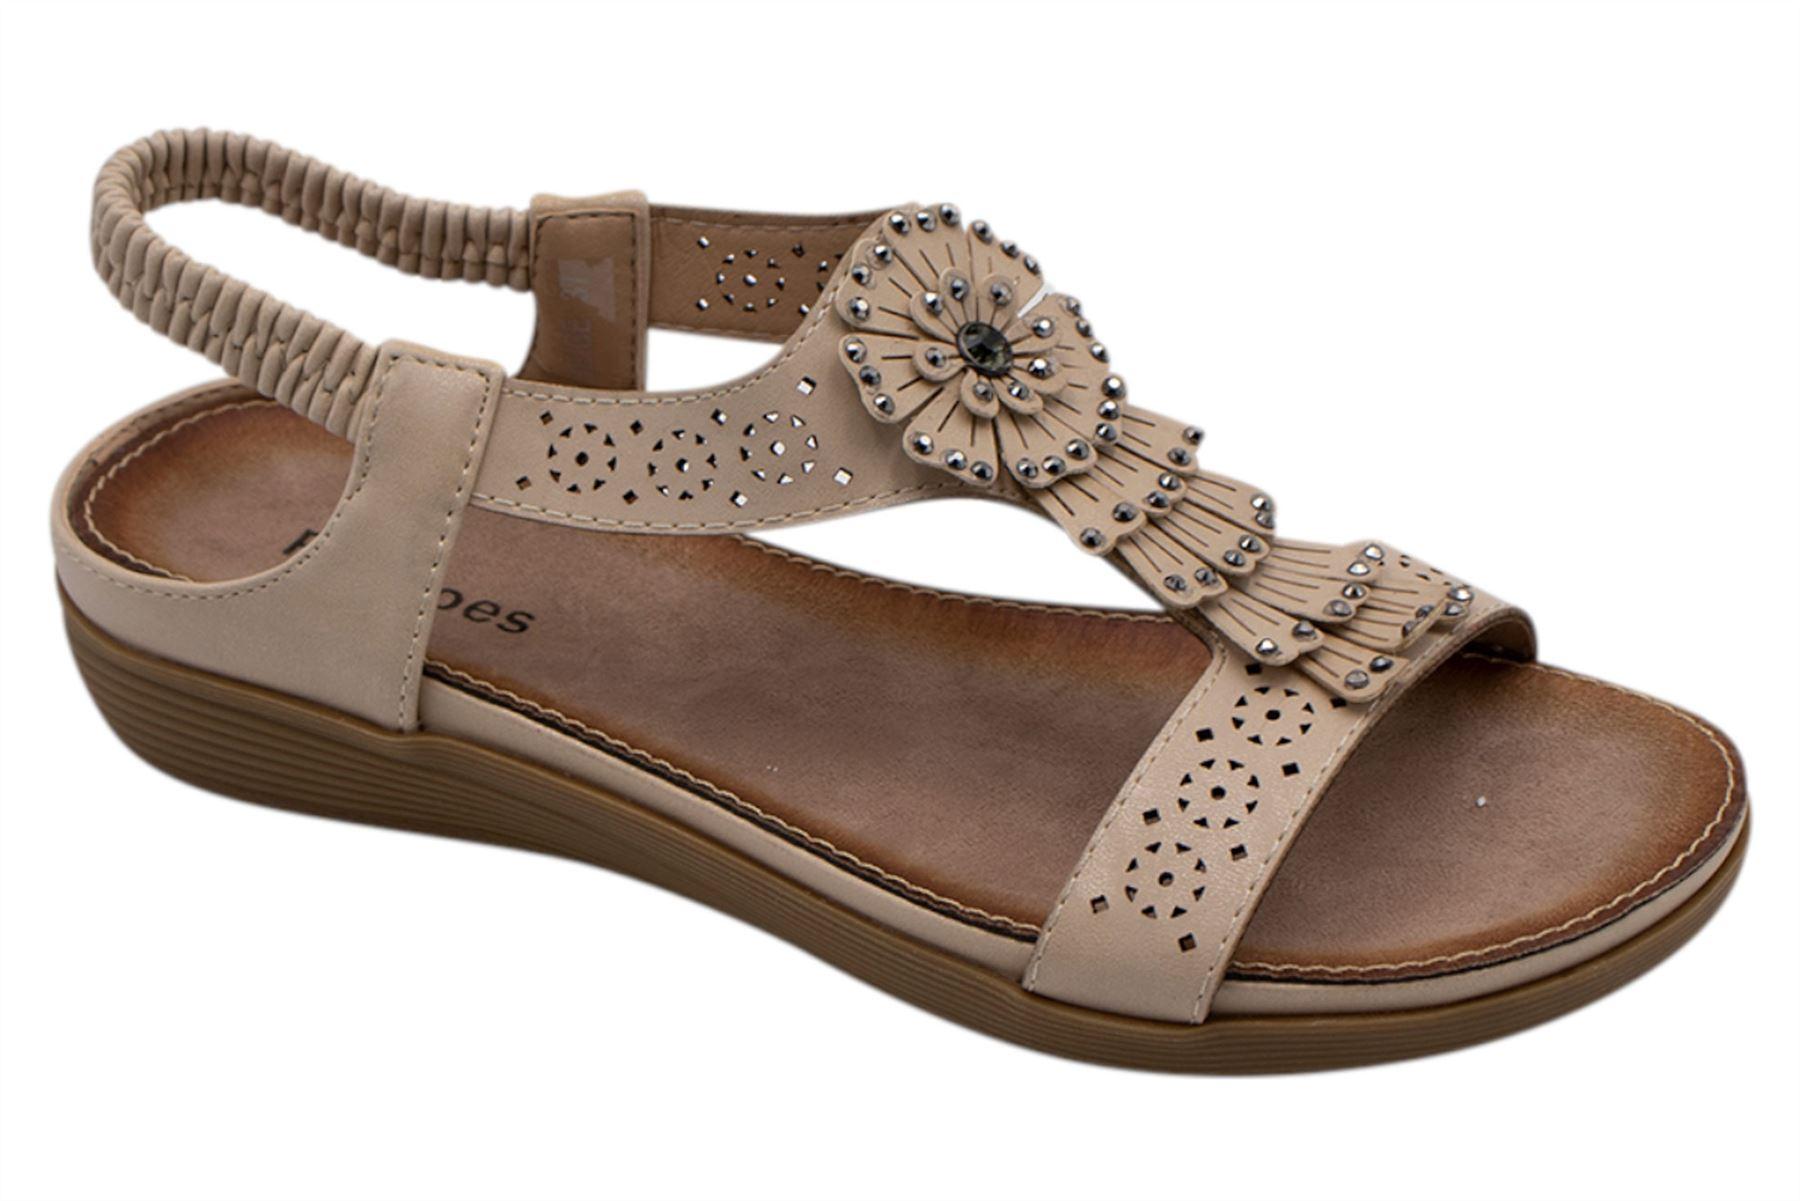 Ladies-Sandals-Womens-Shiny-Flat-Flip-Flop-Beach-Sliders miniatura 11